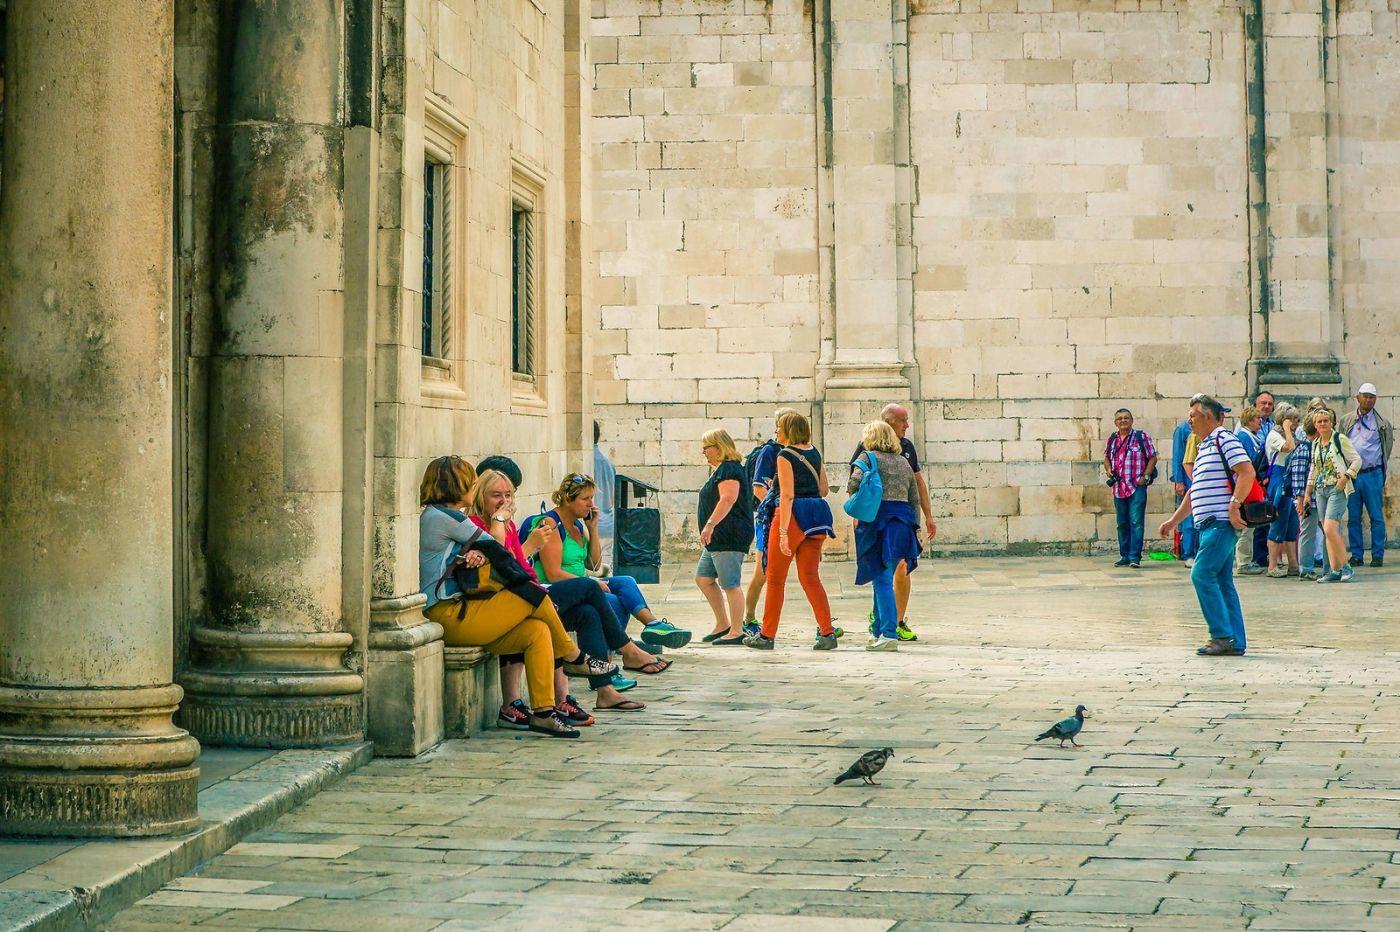 克罗地亚杜布罗夫尼克(Dubrovnik),古城小巷_图1-24